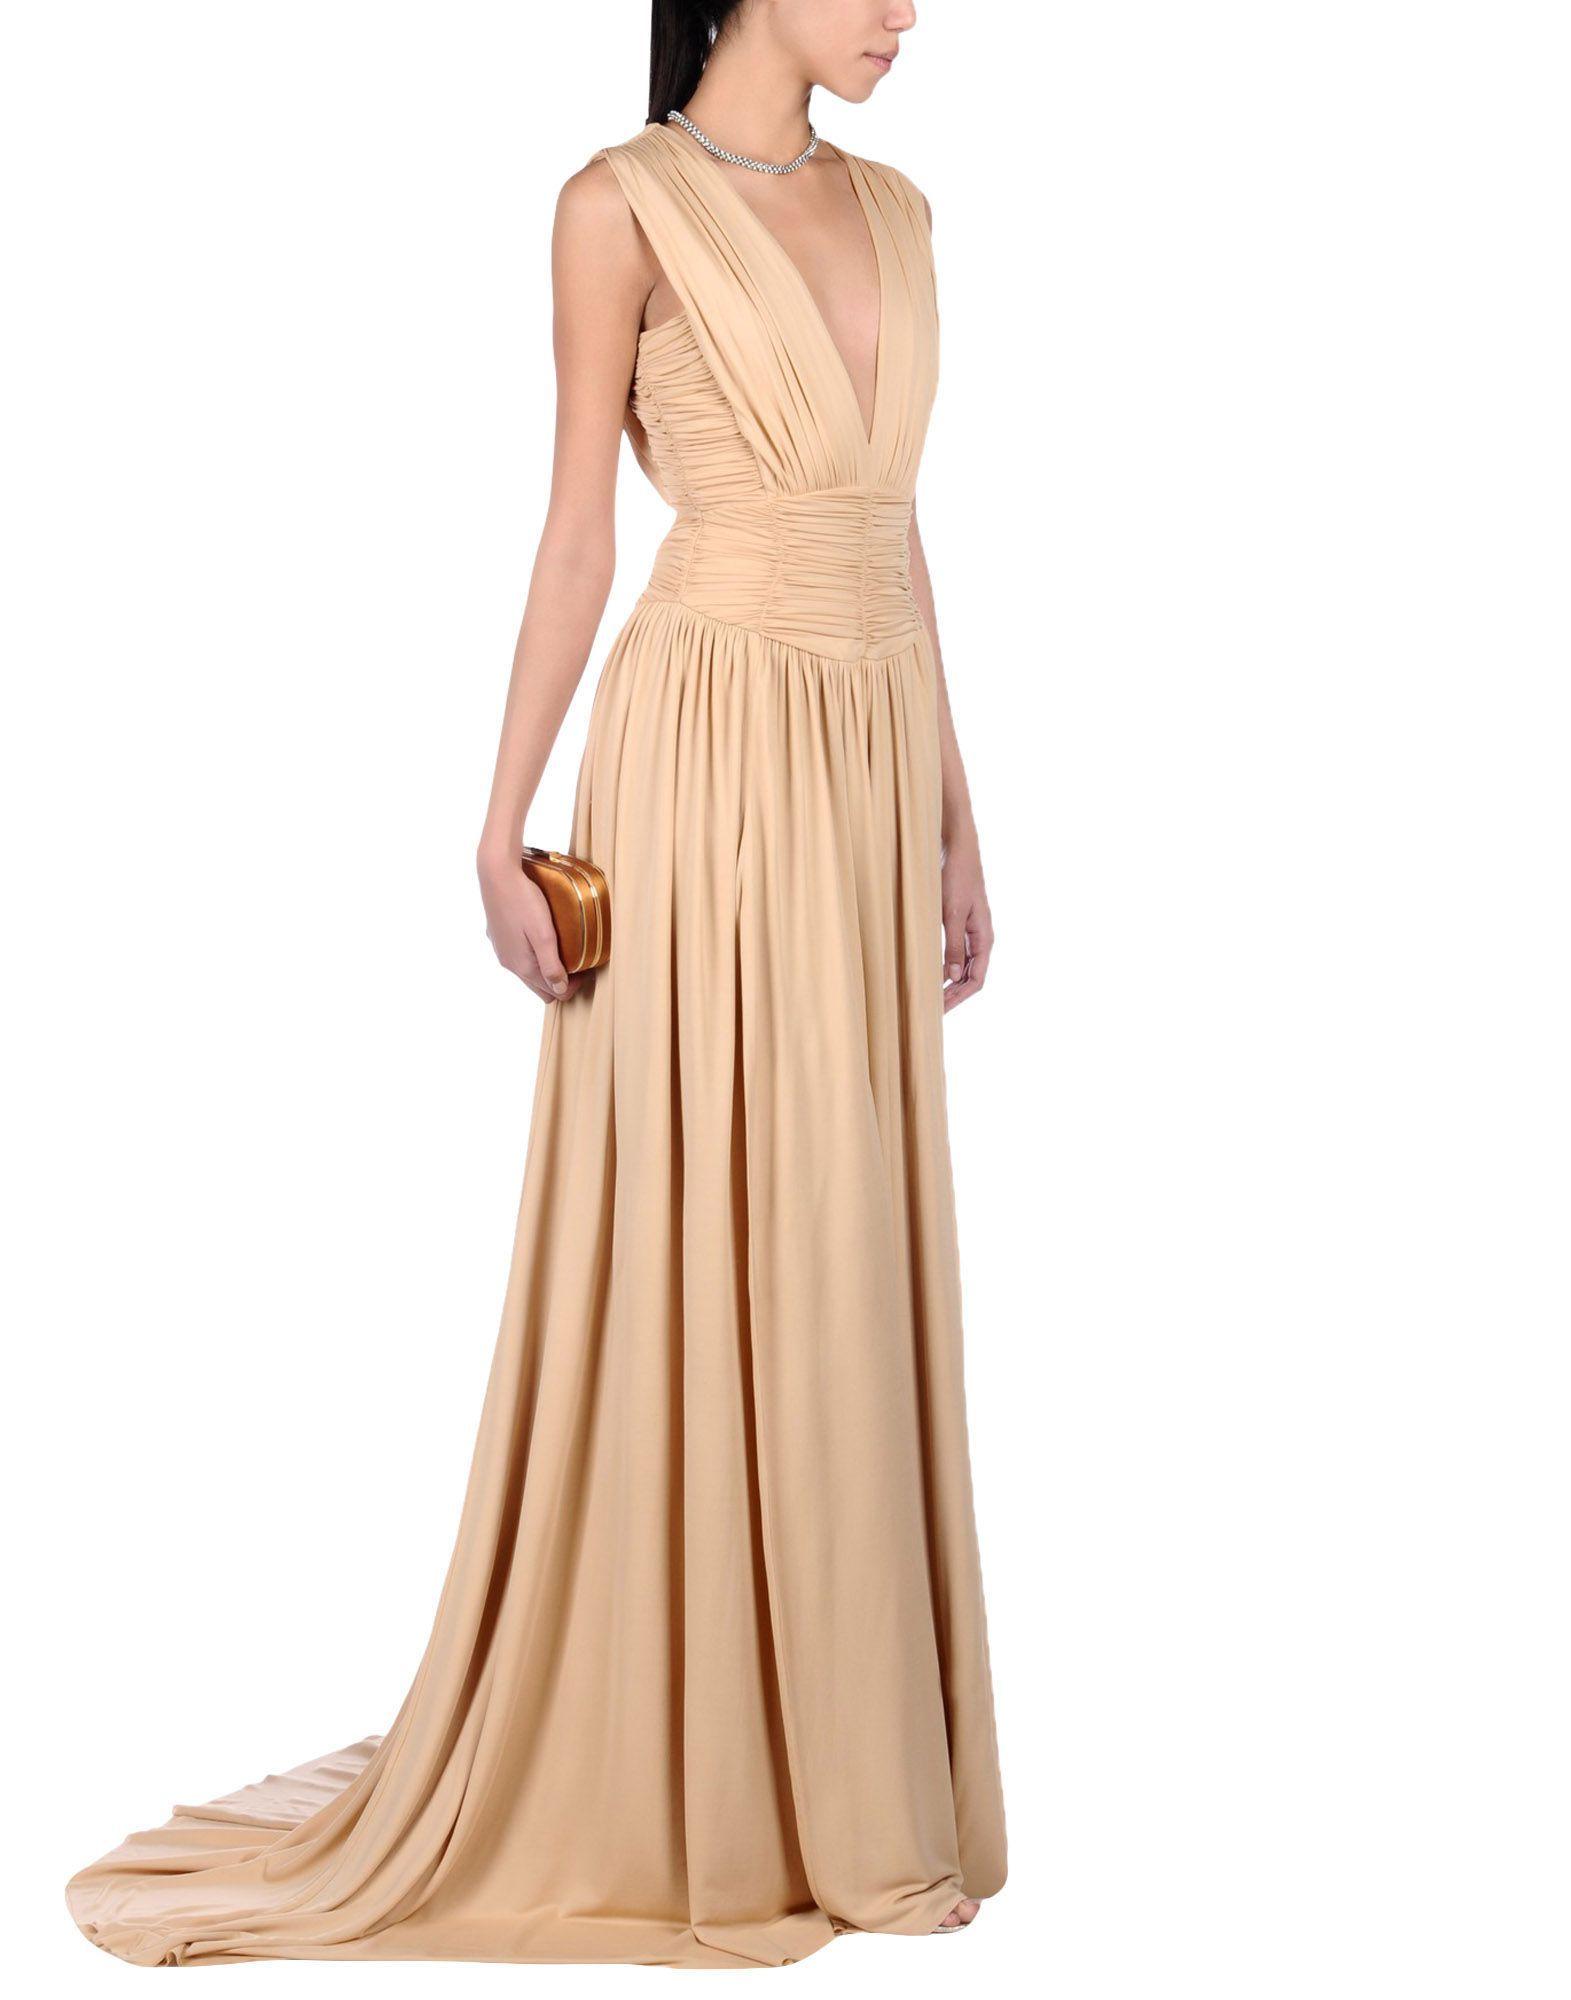 balmain abendkleid - kleid | yoox | damen lange kleider